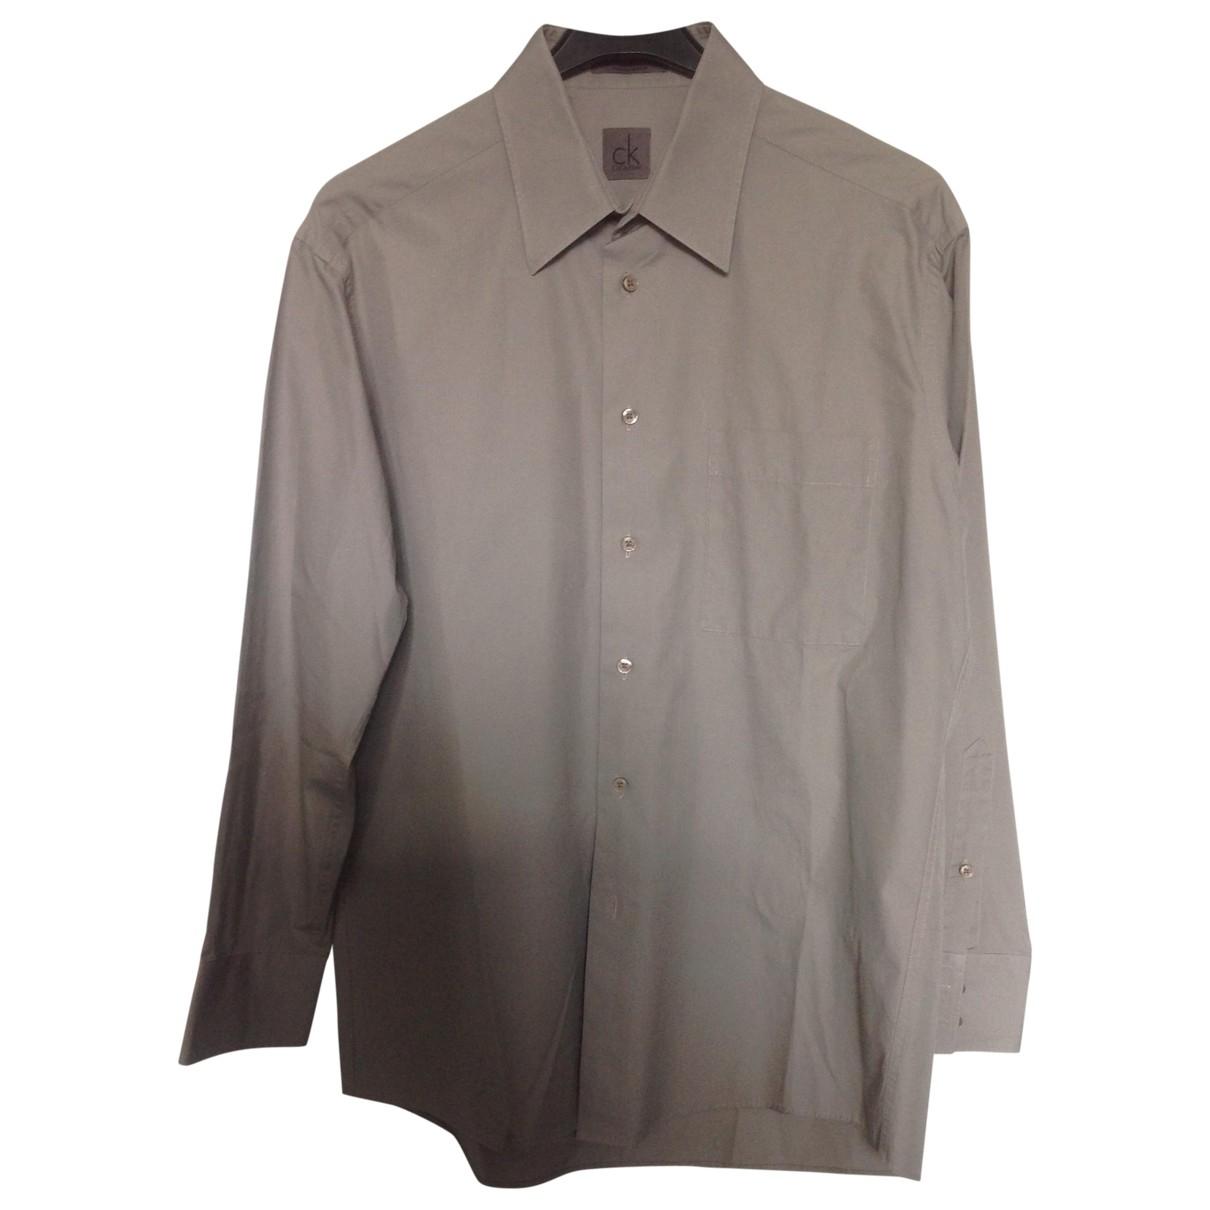 Calvin Klein \N Beige Cotton Shirts for Men 42 EU (tour de cou / collar)